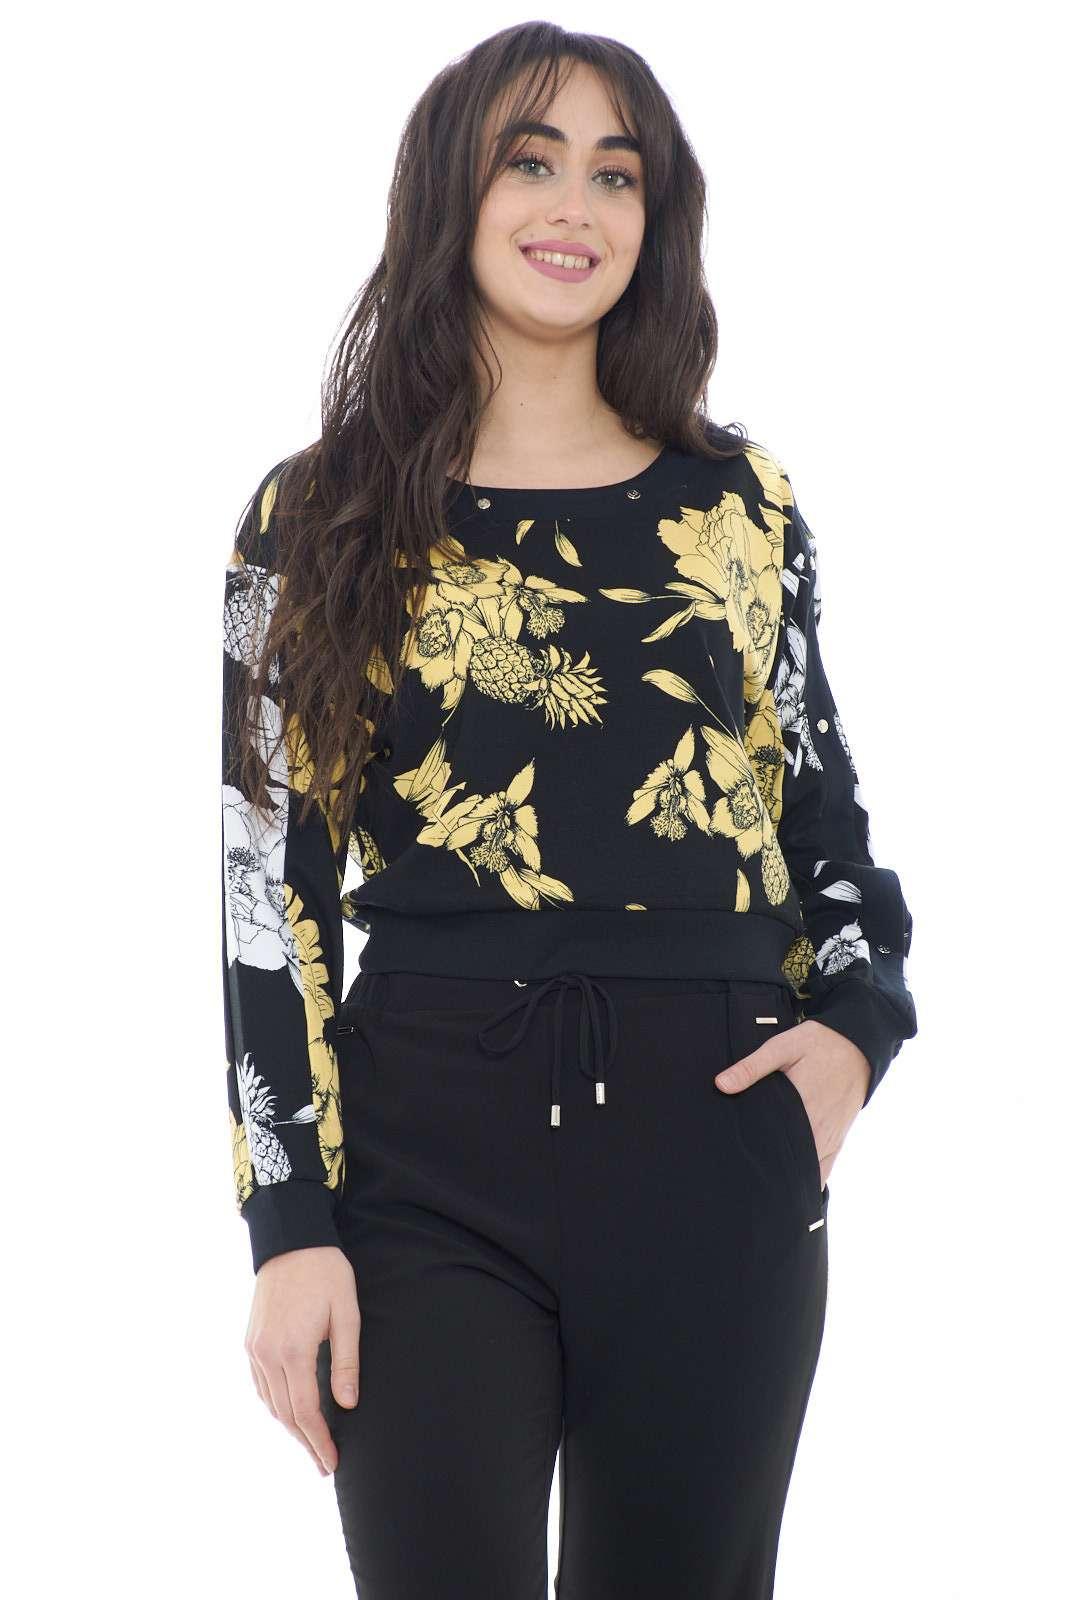 Lasciati conquistare dalla nuova felpa donna proposta dalla new collection Liu Jo.  La delicata fantasia floreale la rende perfetta sia con un jeans che con un pantalone sportivo.  Un capo essenziale caratterizzato dai bottoni a pressione con borchie a logo della maison.